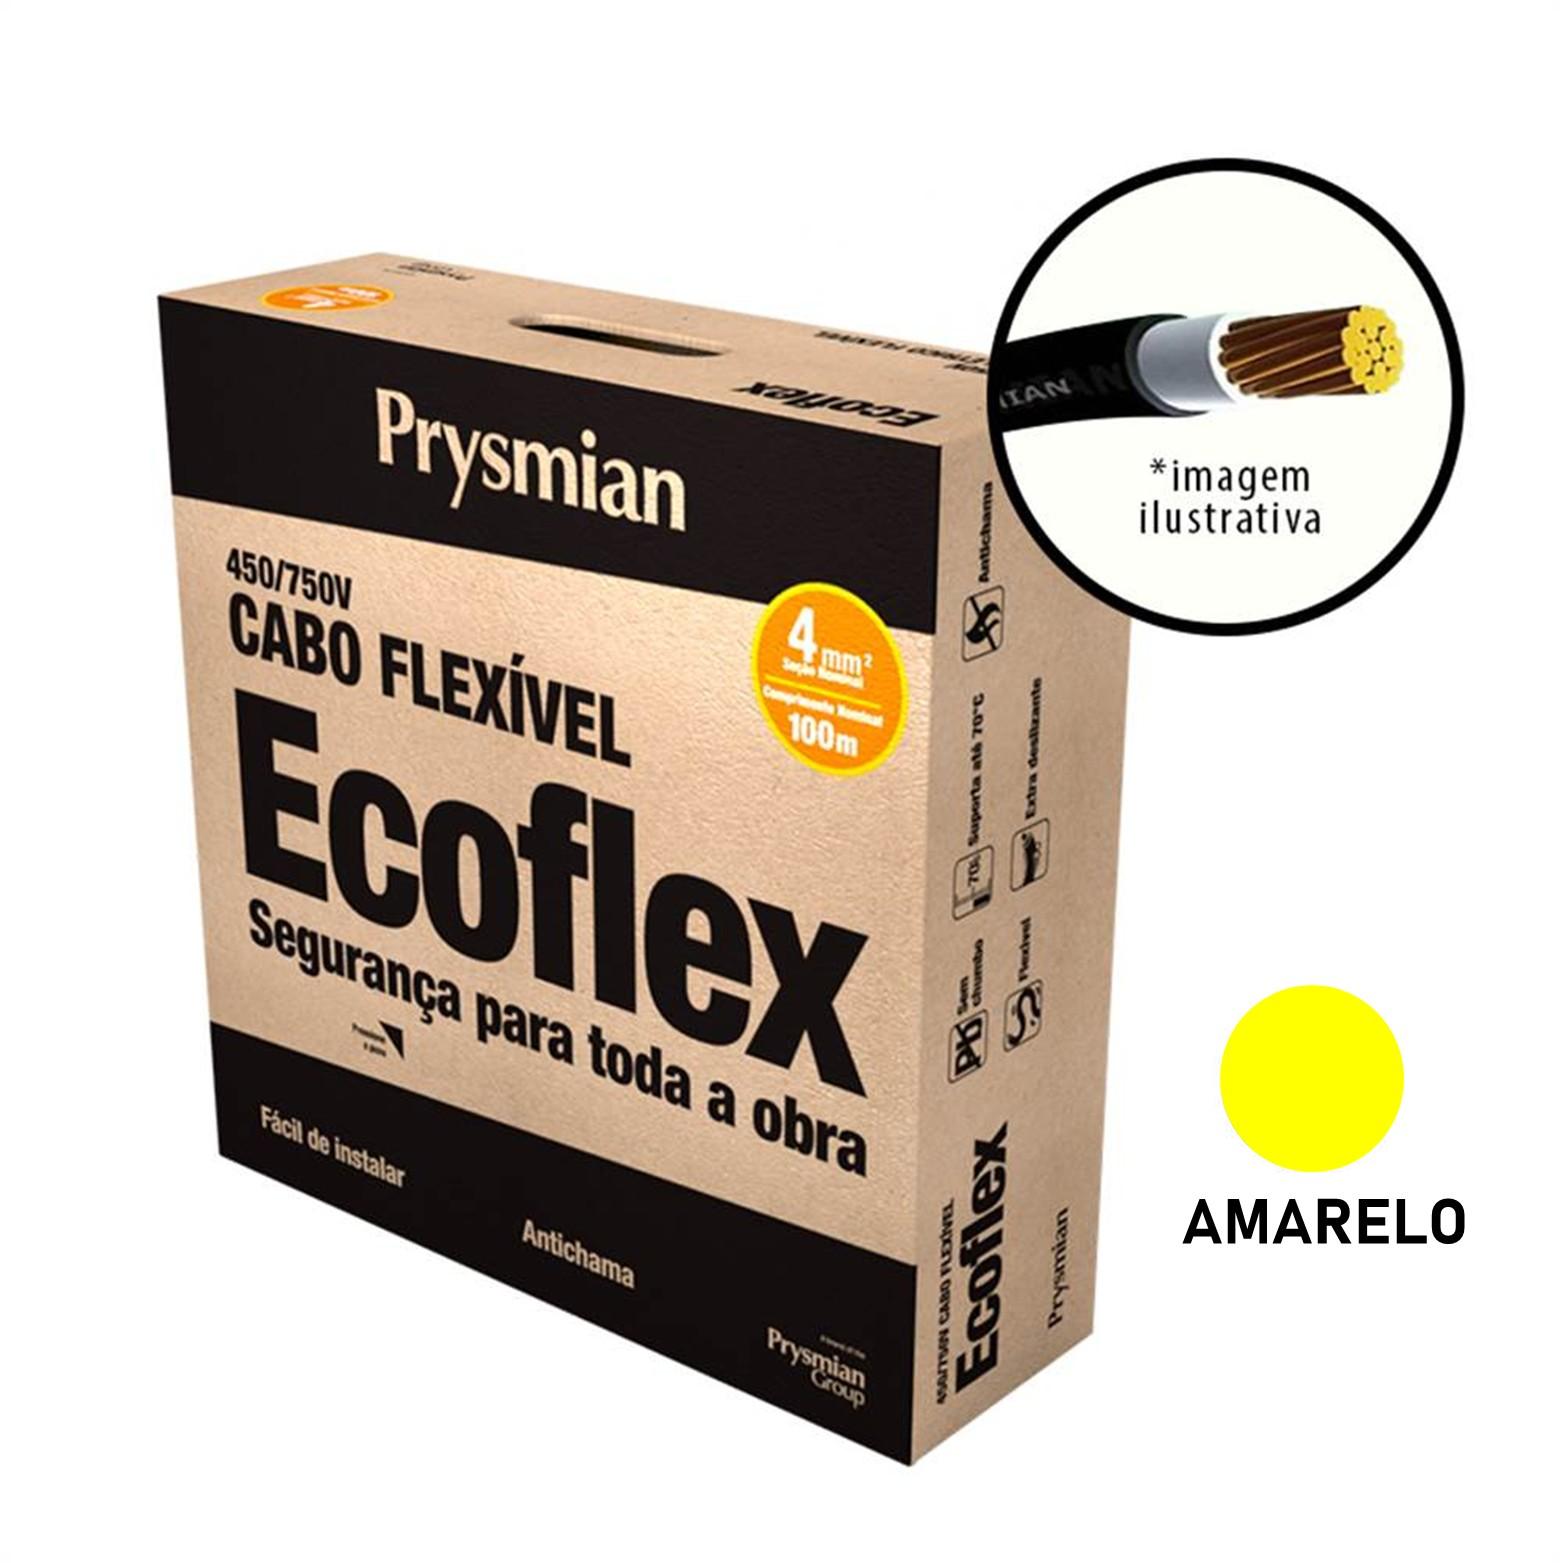 Cabo Flexivel Antichamas Ecoflex 400 mm 100 m 750V 1 Condutor Amarelo - Prysmian